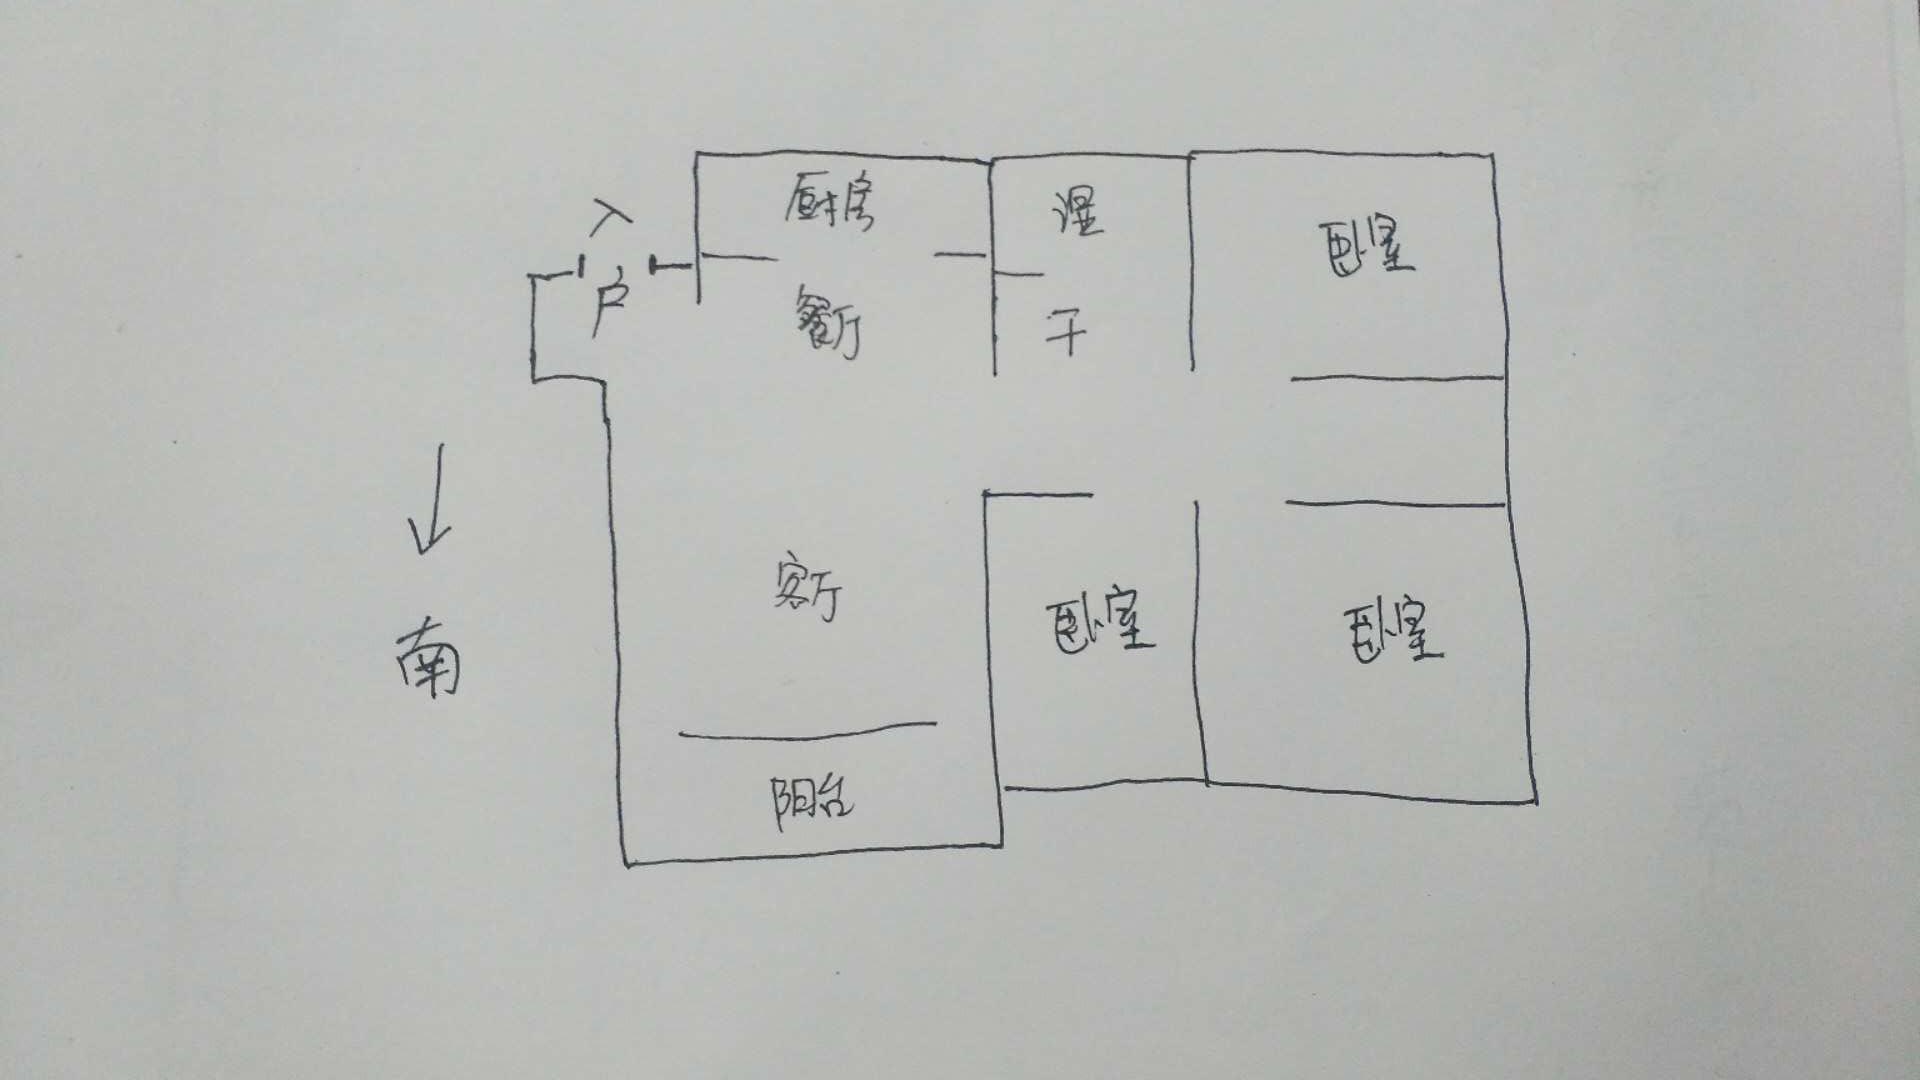 嘉诚尚东 2室2厅  精装 123万